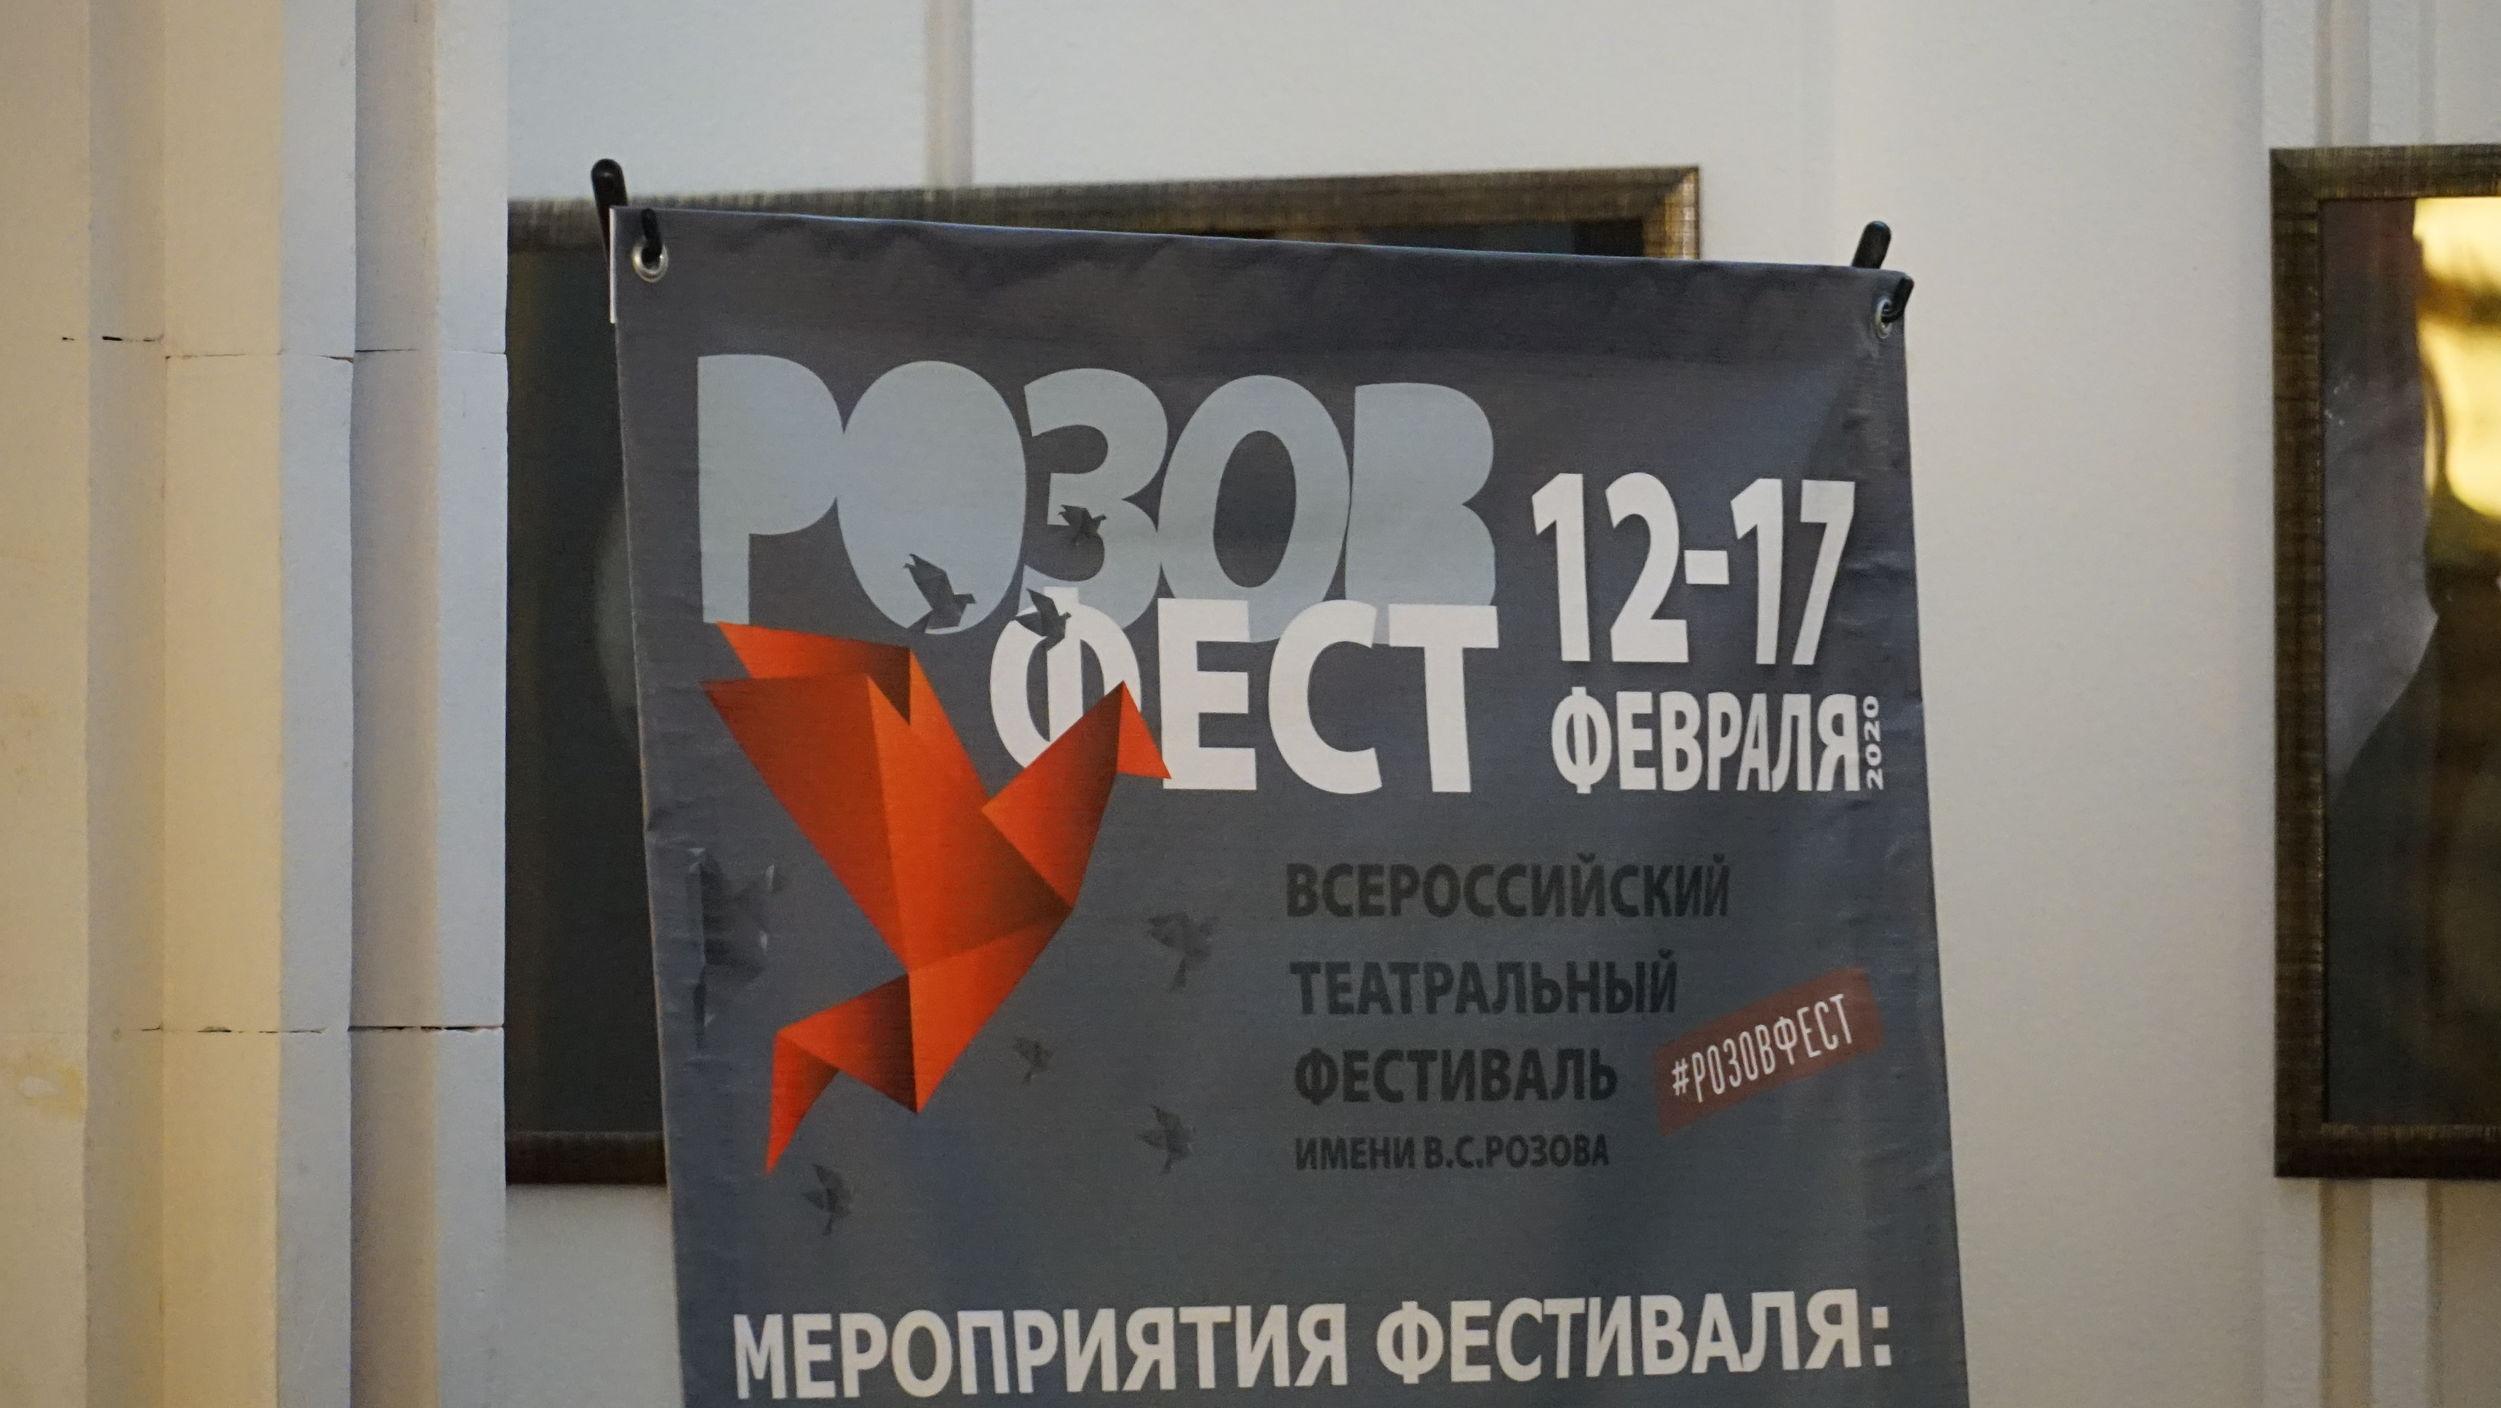 Фестиваль «Розовфест» собрал в Ярославле талантливых молодых артистов